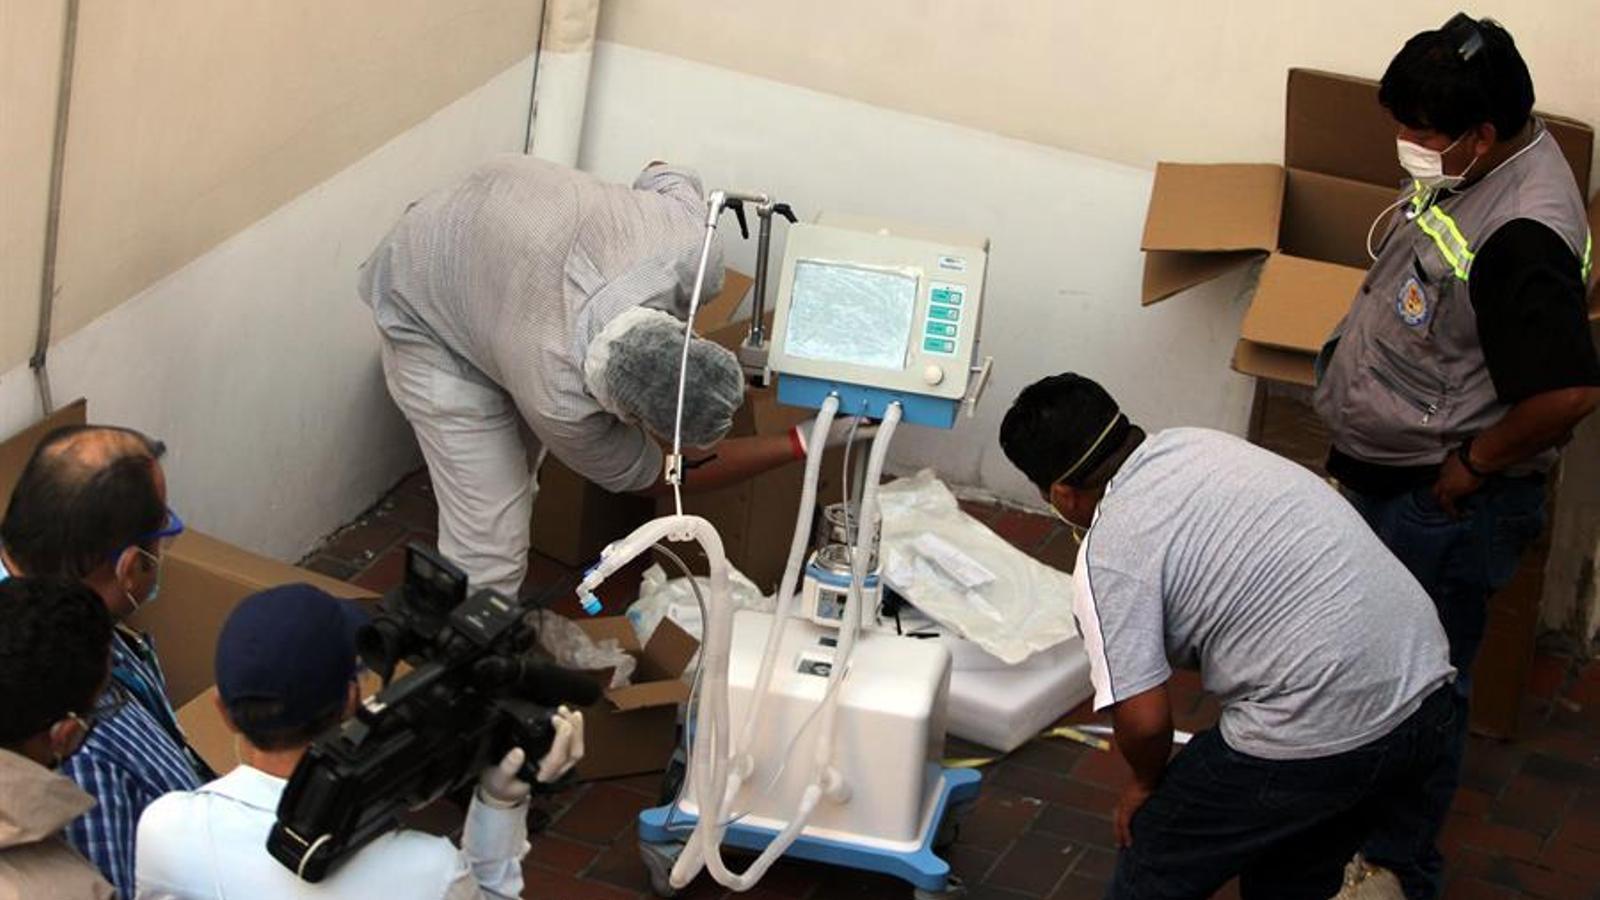 El govern bolivià va pagar els respirador a un preu molt superior al real